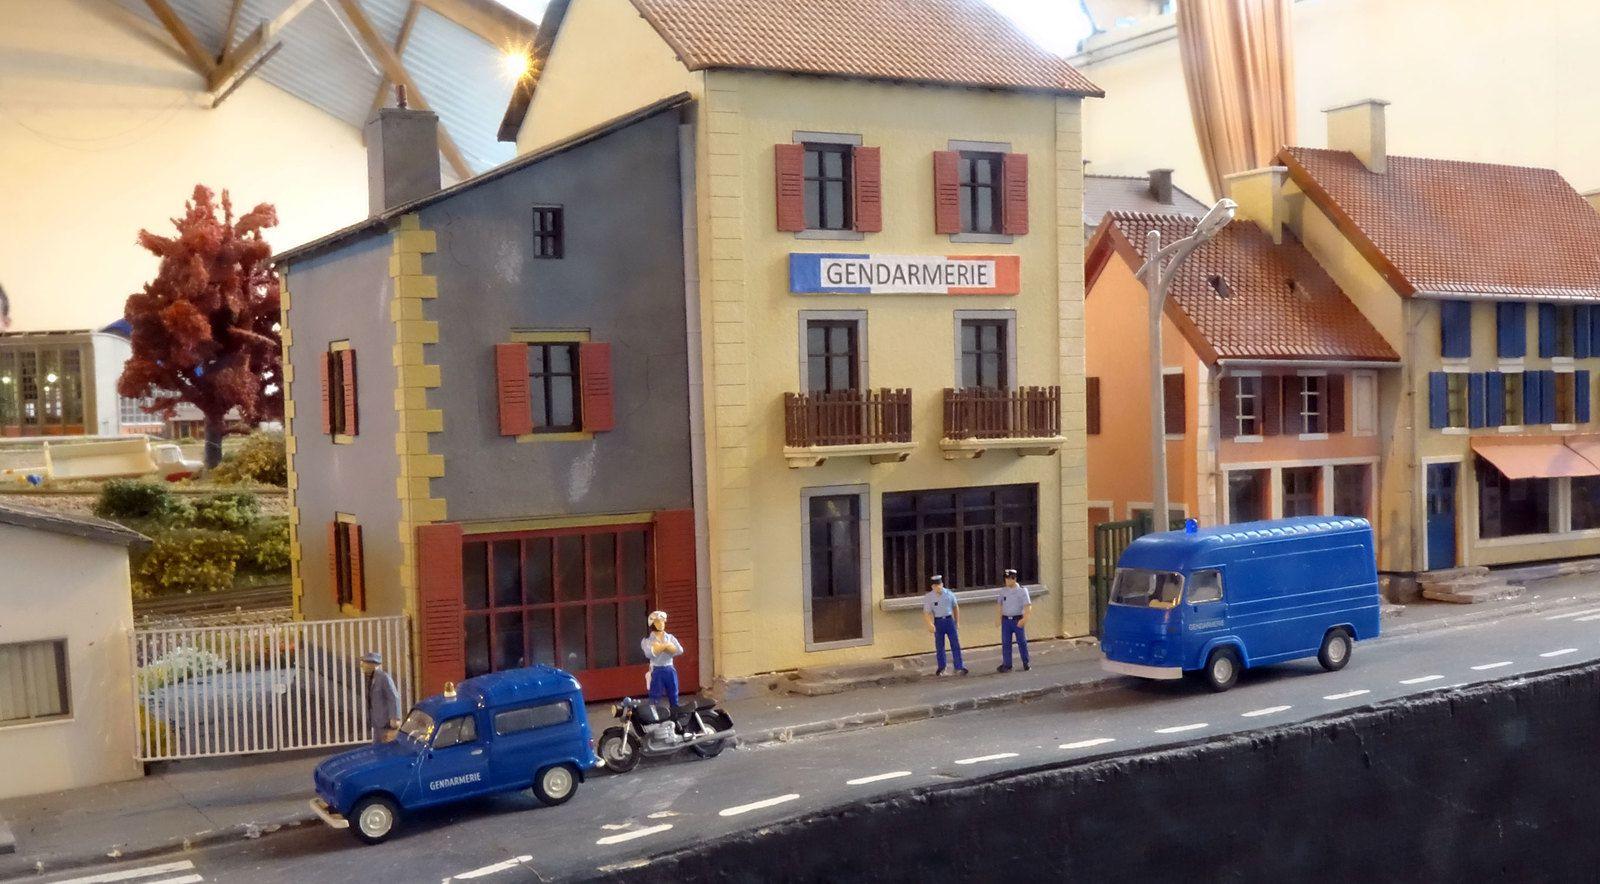 A Courbeville, la gendarmerie est installée dans la rue principale (réseau de l'AMFR).